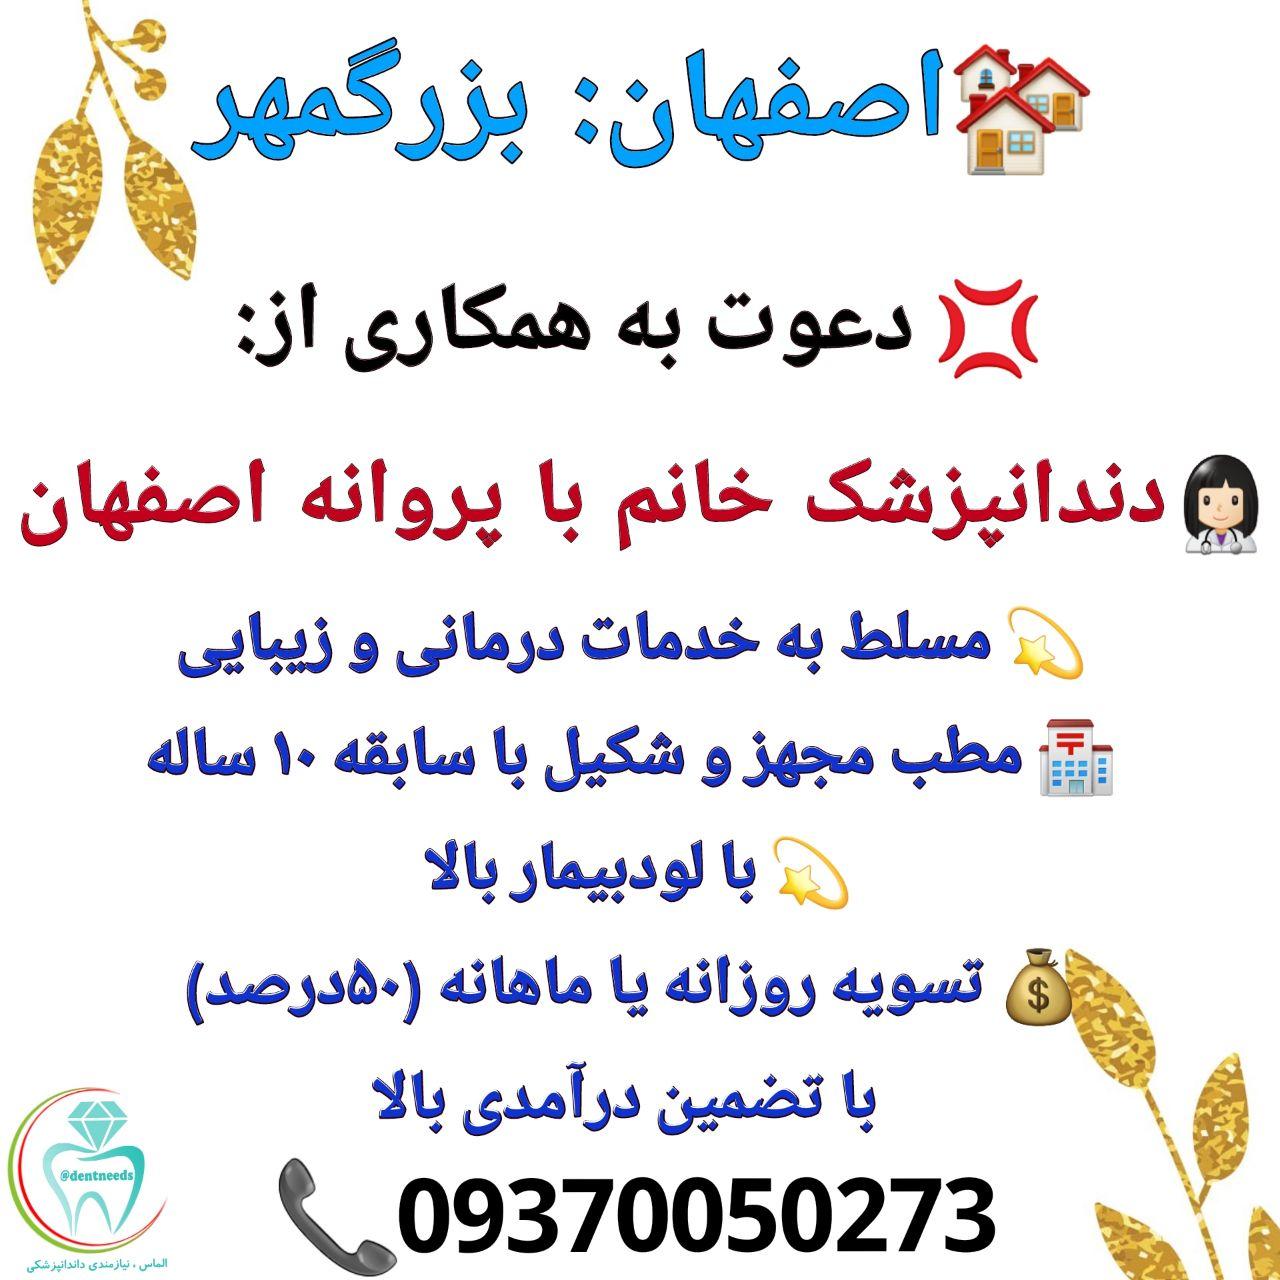 اصفهان: بزرگمهر، دعوت به همکاری از دندانپزشک خانم با پروانه اصفهان